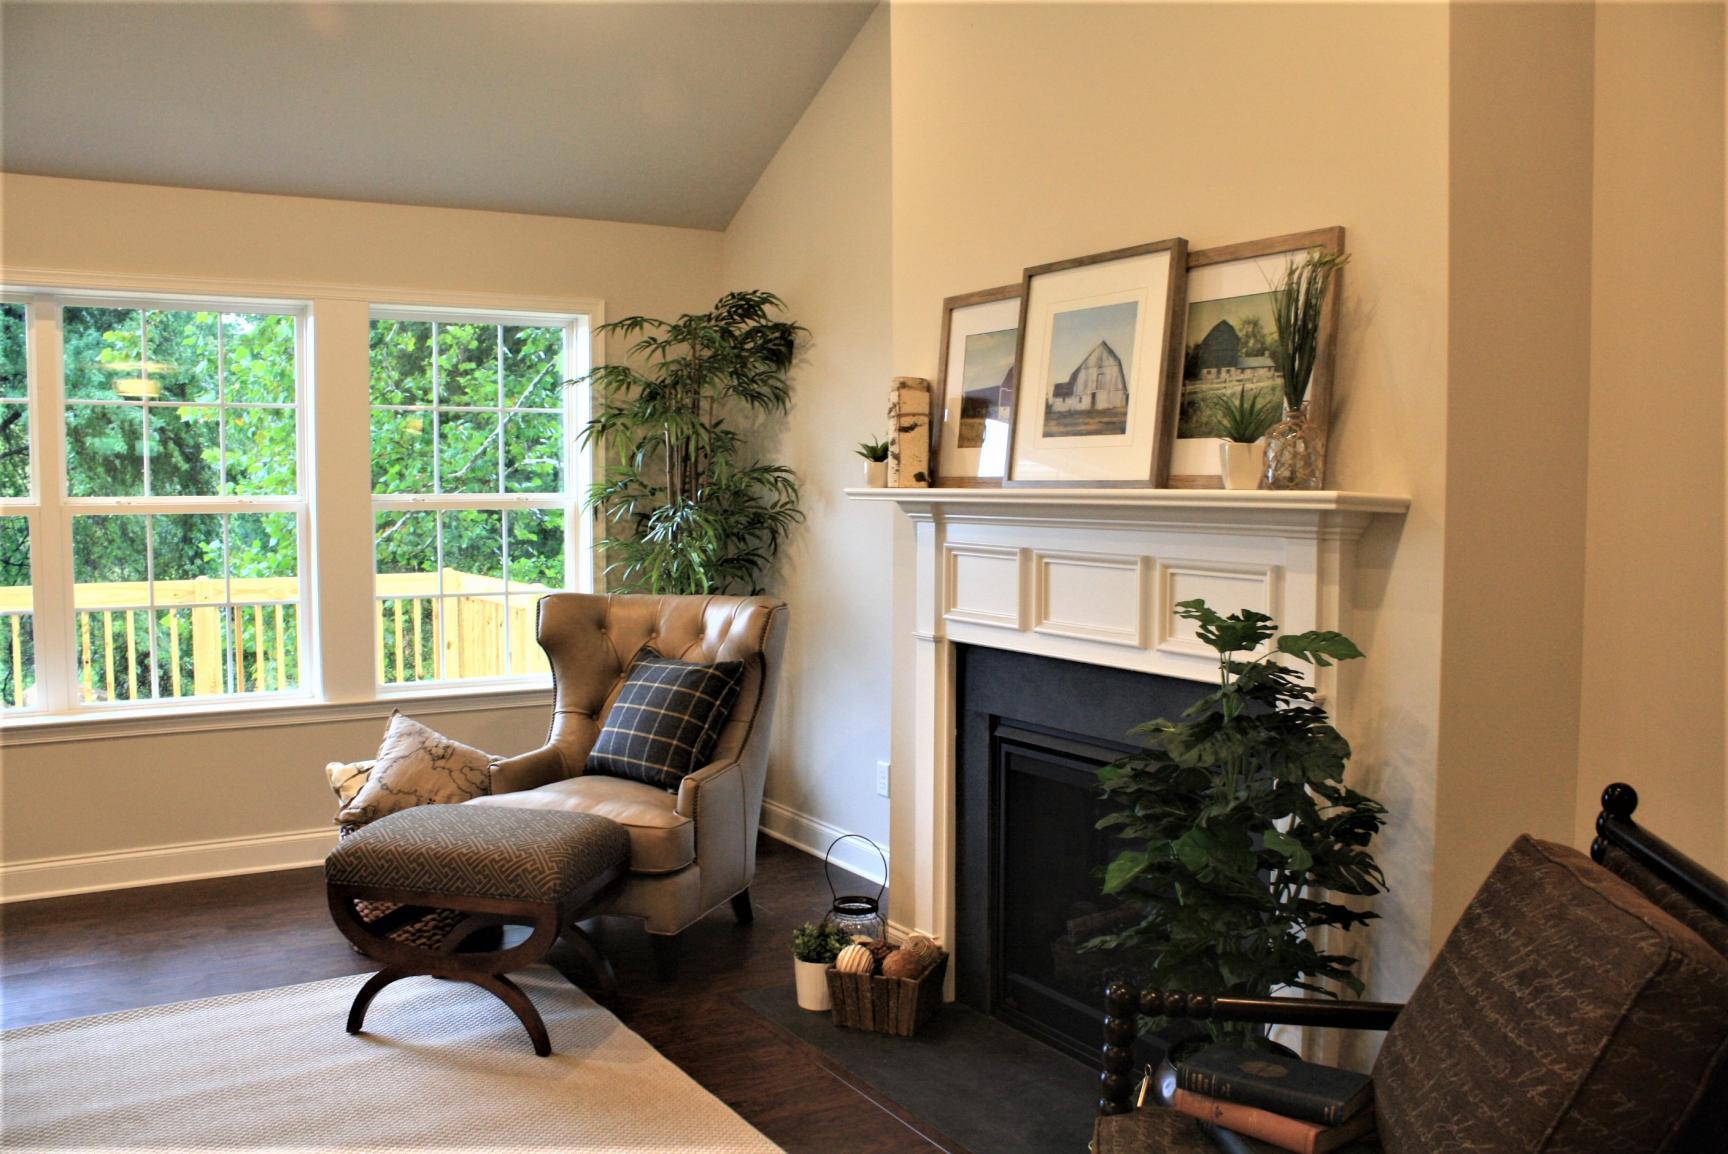 nice design rhythm around fireplace